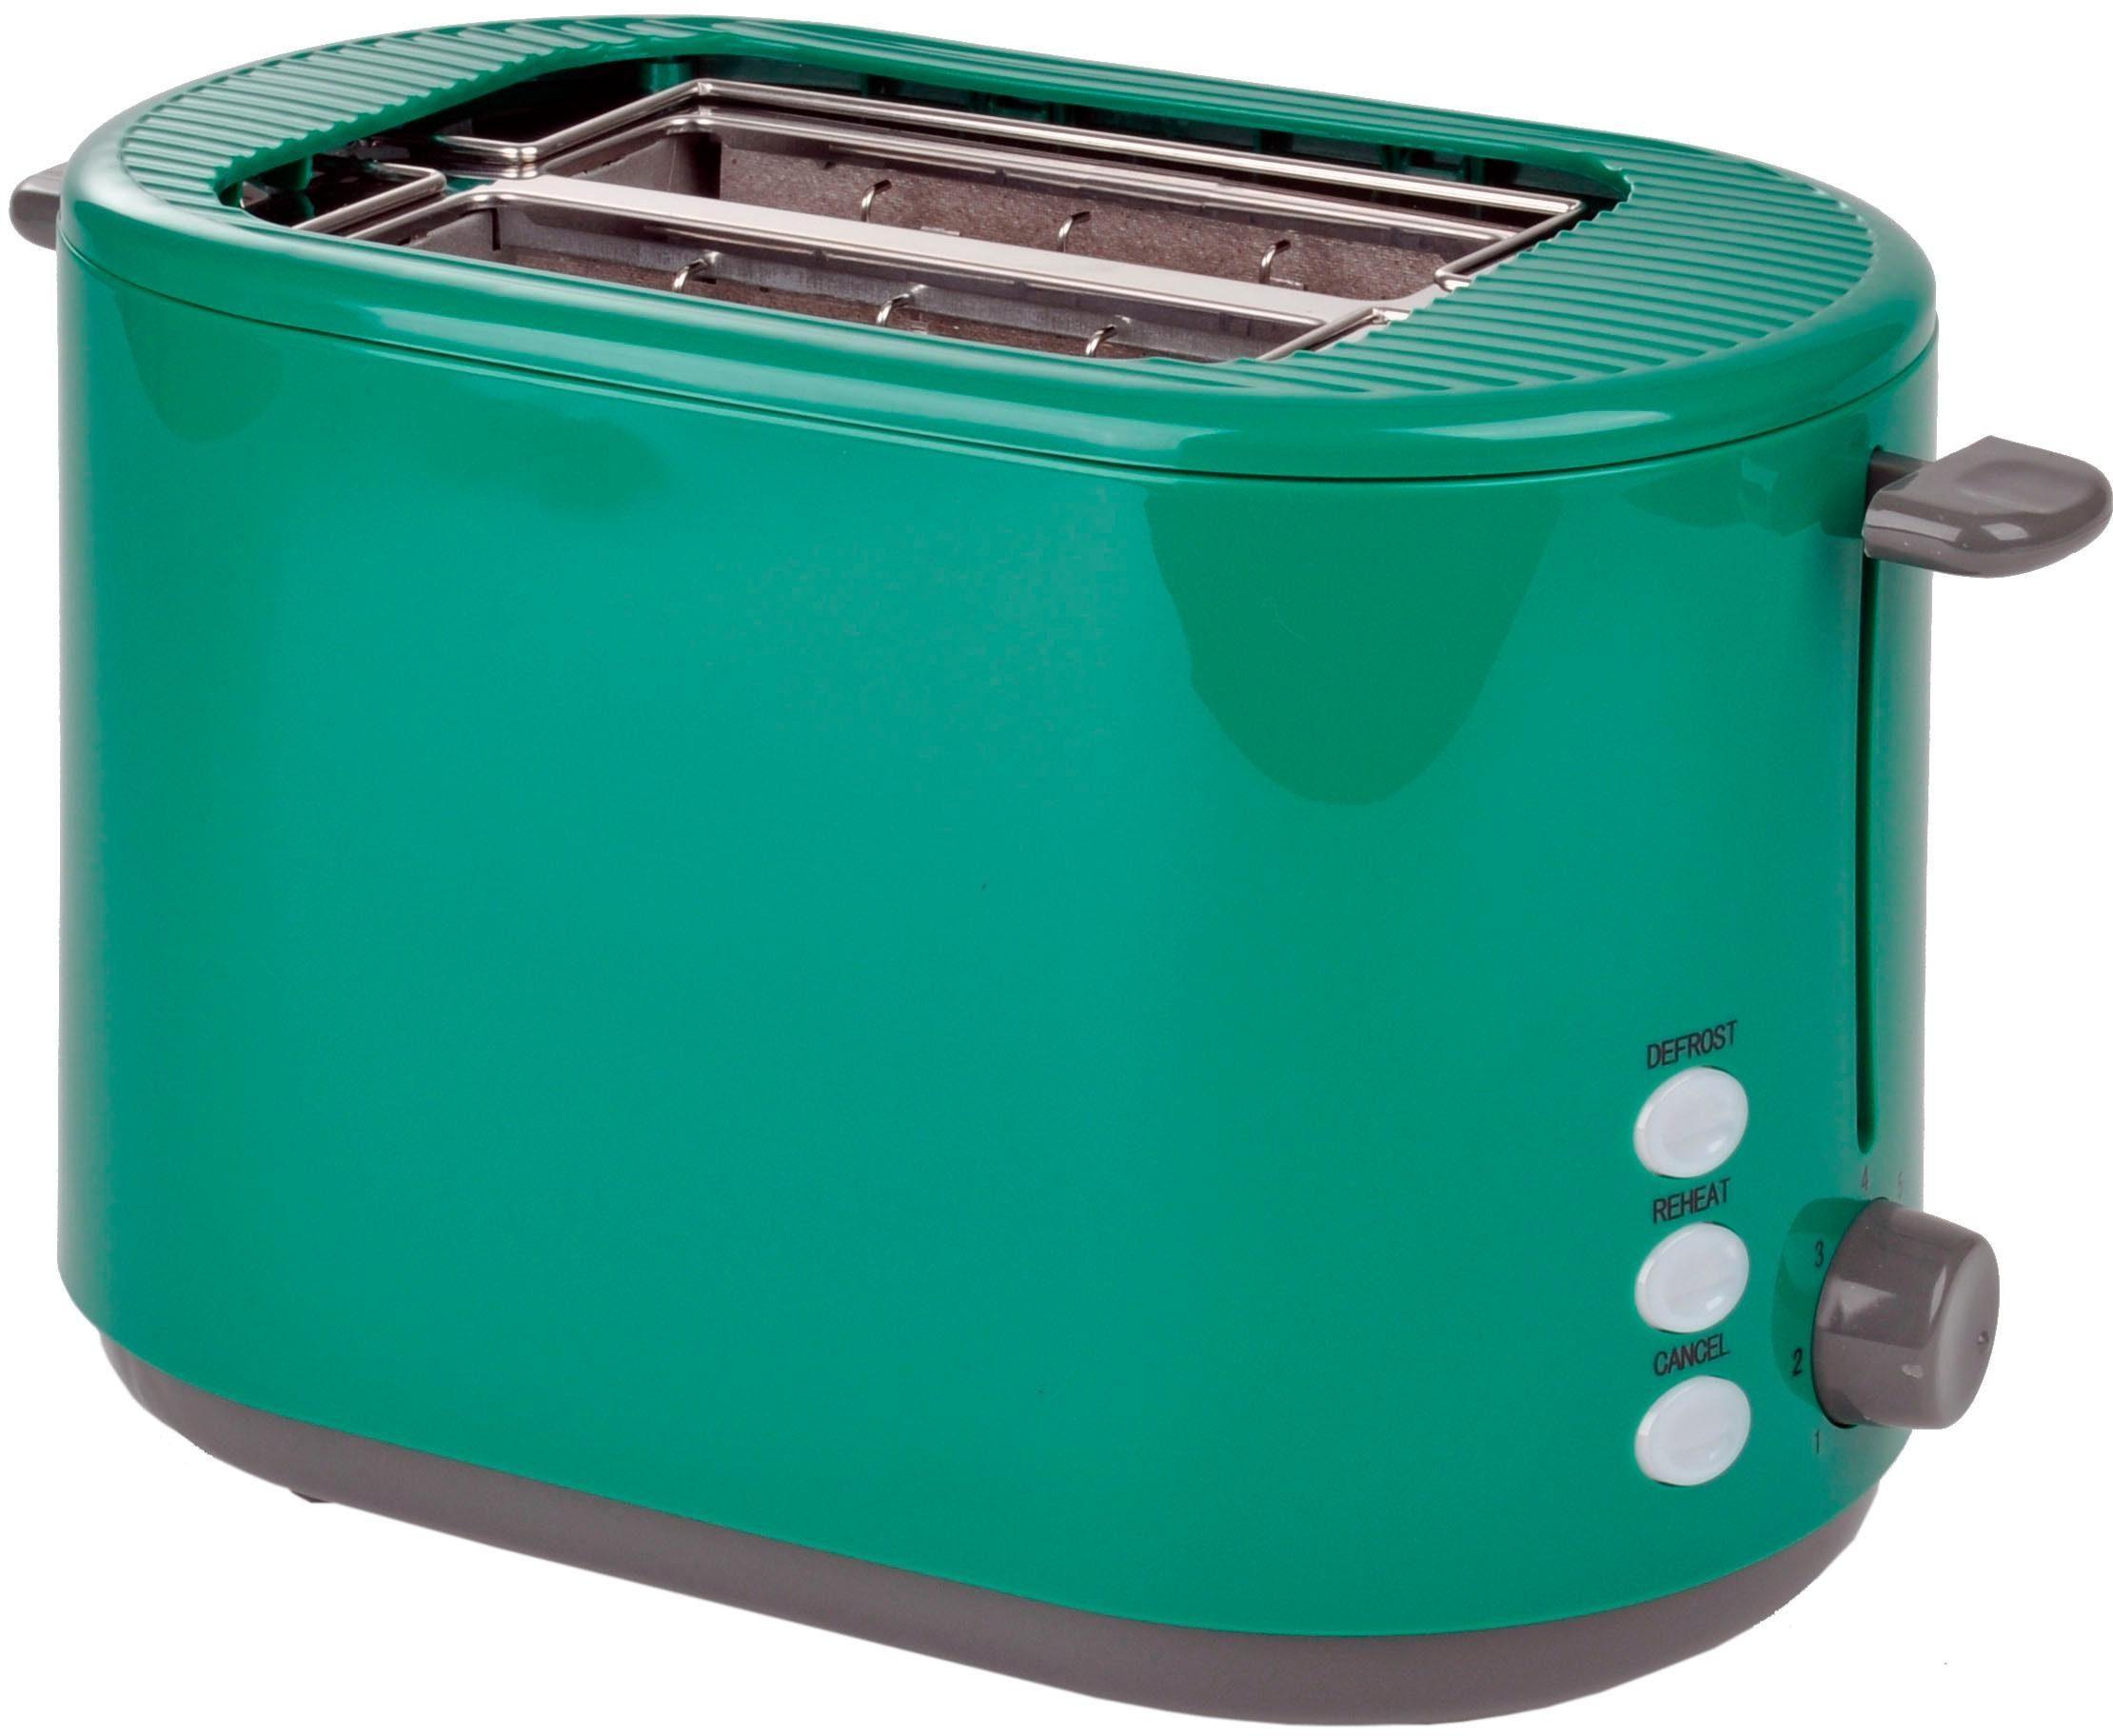 Efbe-Schott Toaster SC TO 1080.1 GRN, 2 kurze Schlitze, für 2 Scheiben, 800 W